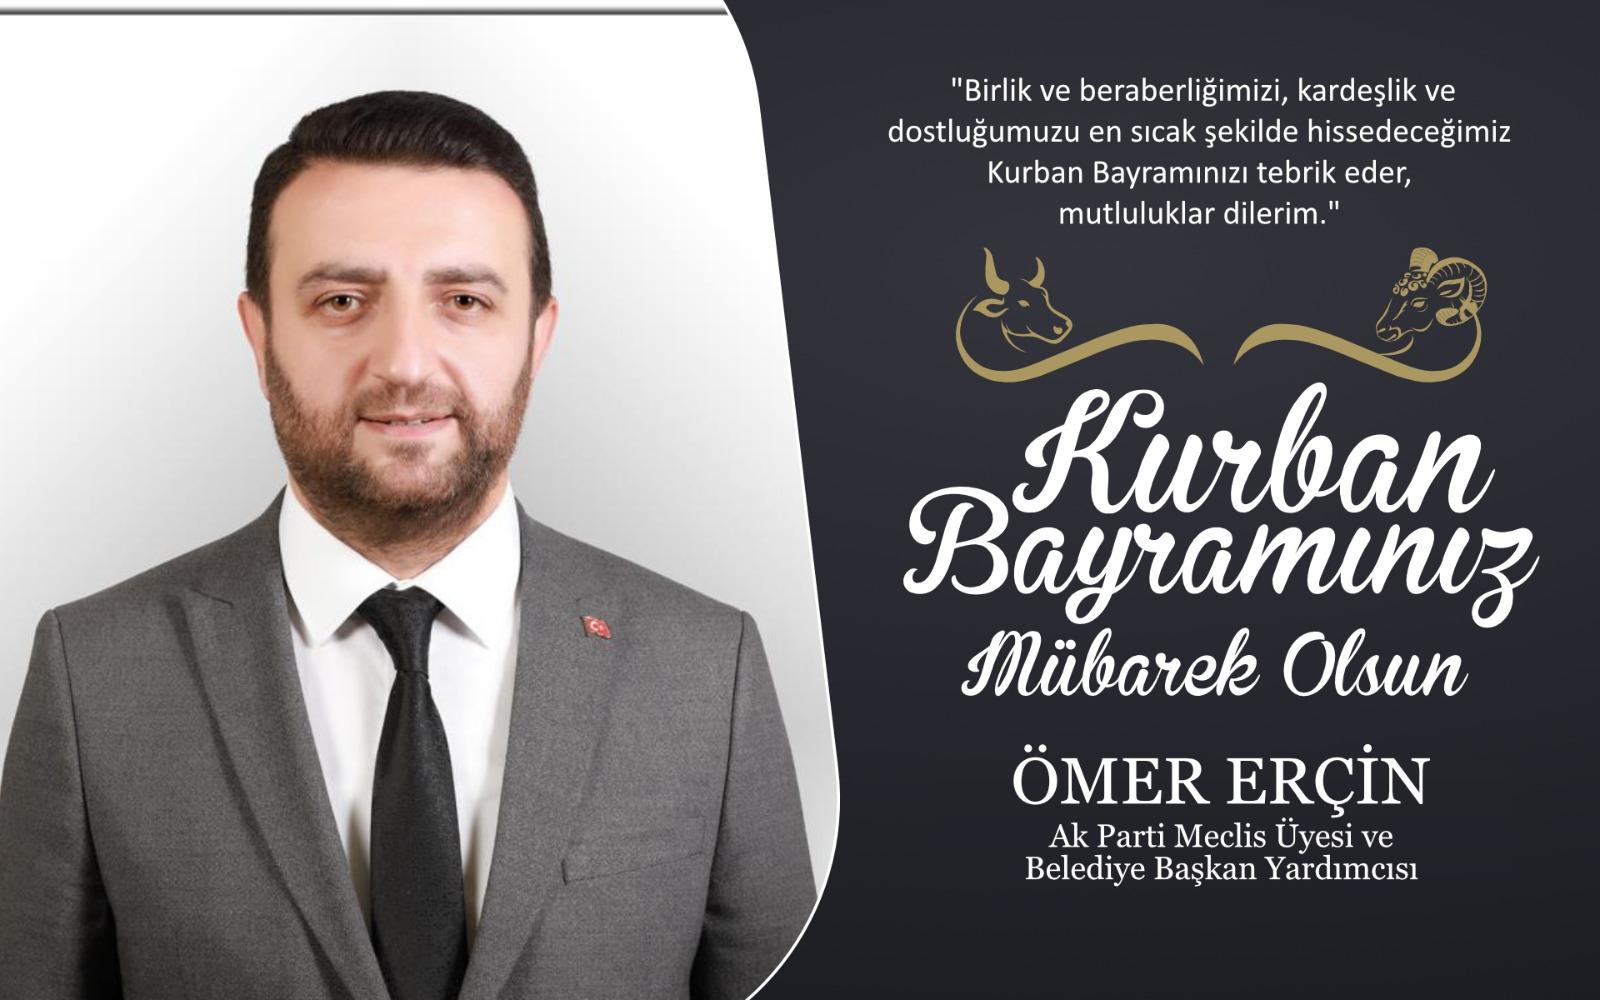 Ömer Erçin'den Kurban Bayramı Kutlama Mesajı